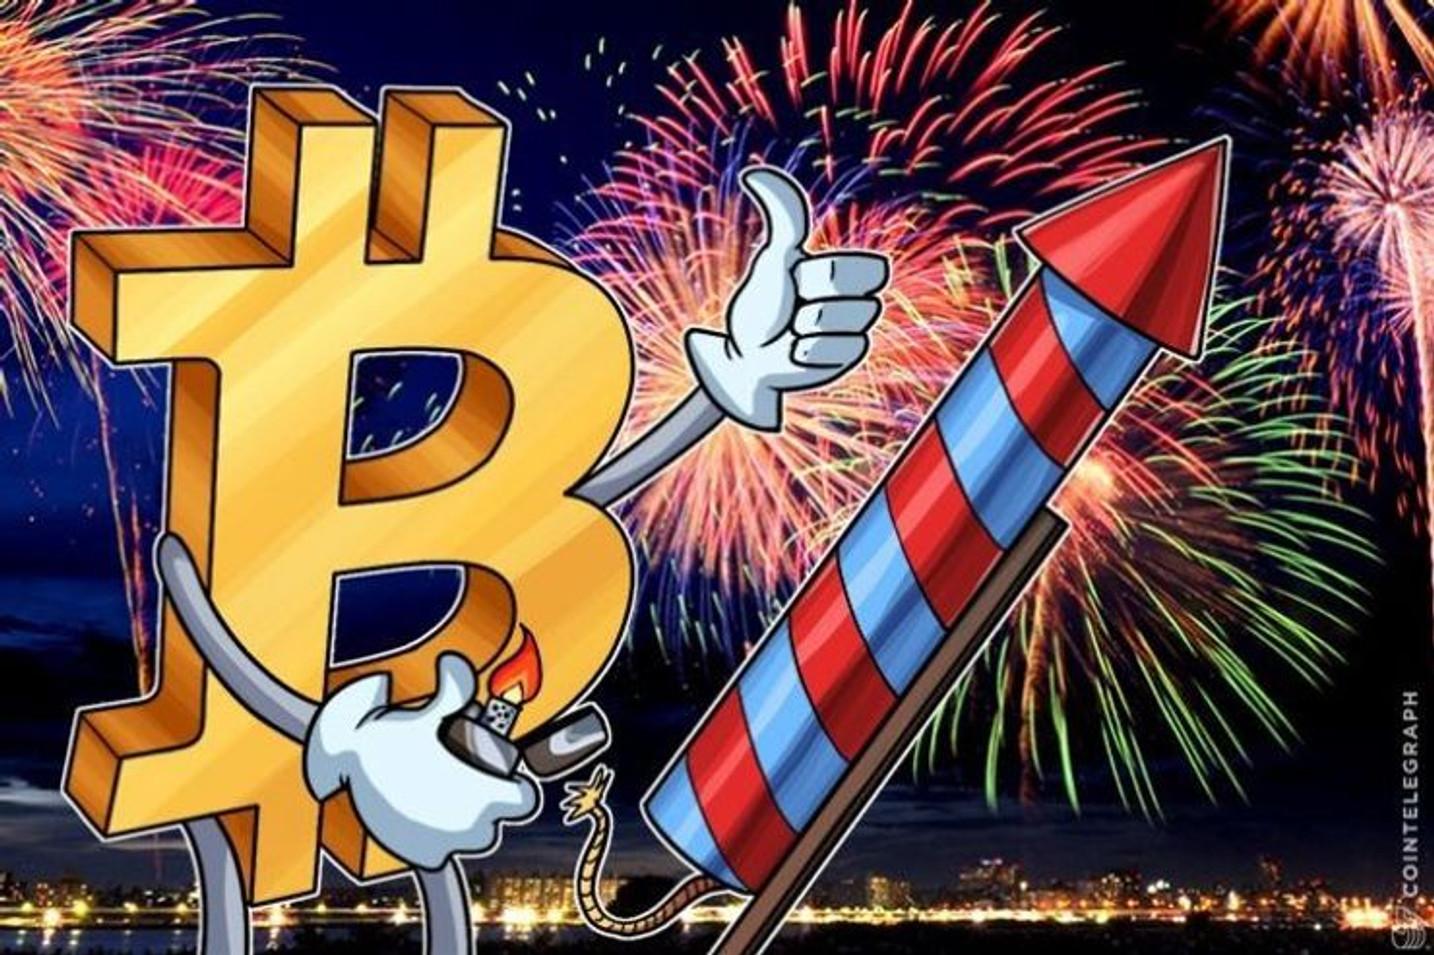 【追記】急騰するBTC、先物上場期待ラリー第二章開幕か 仮想通貨ビットコイン相場市況(11月28日)